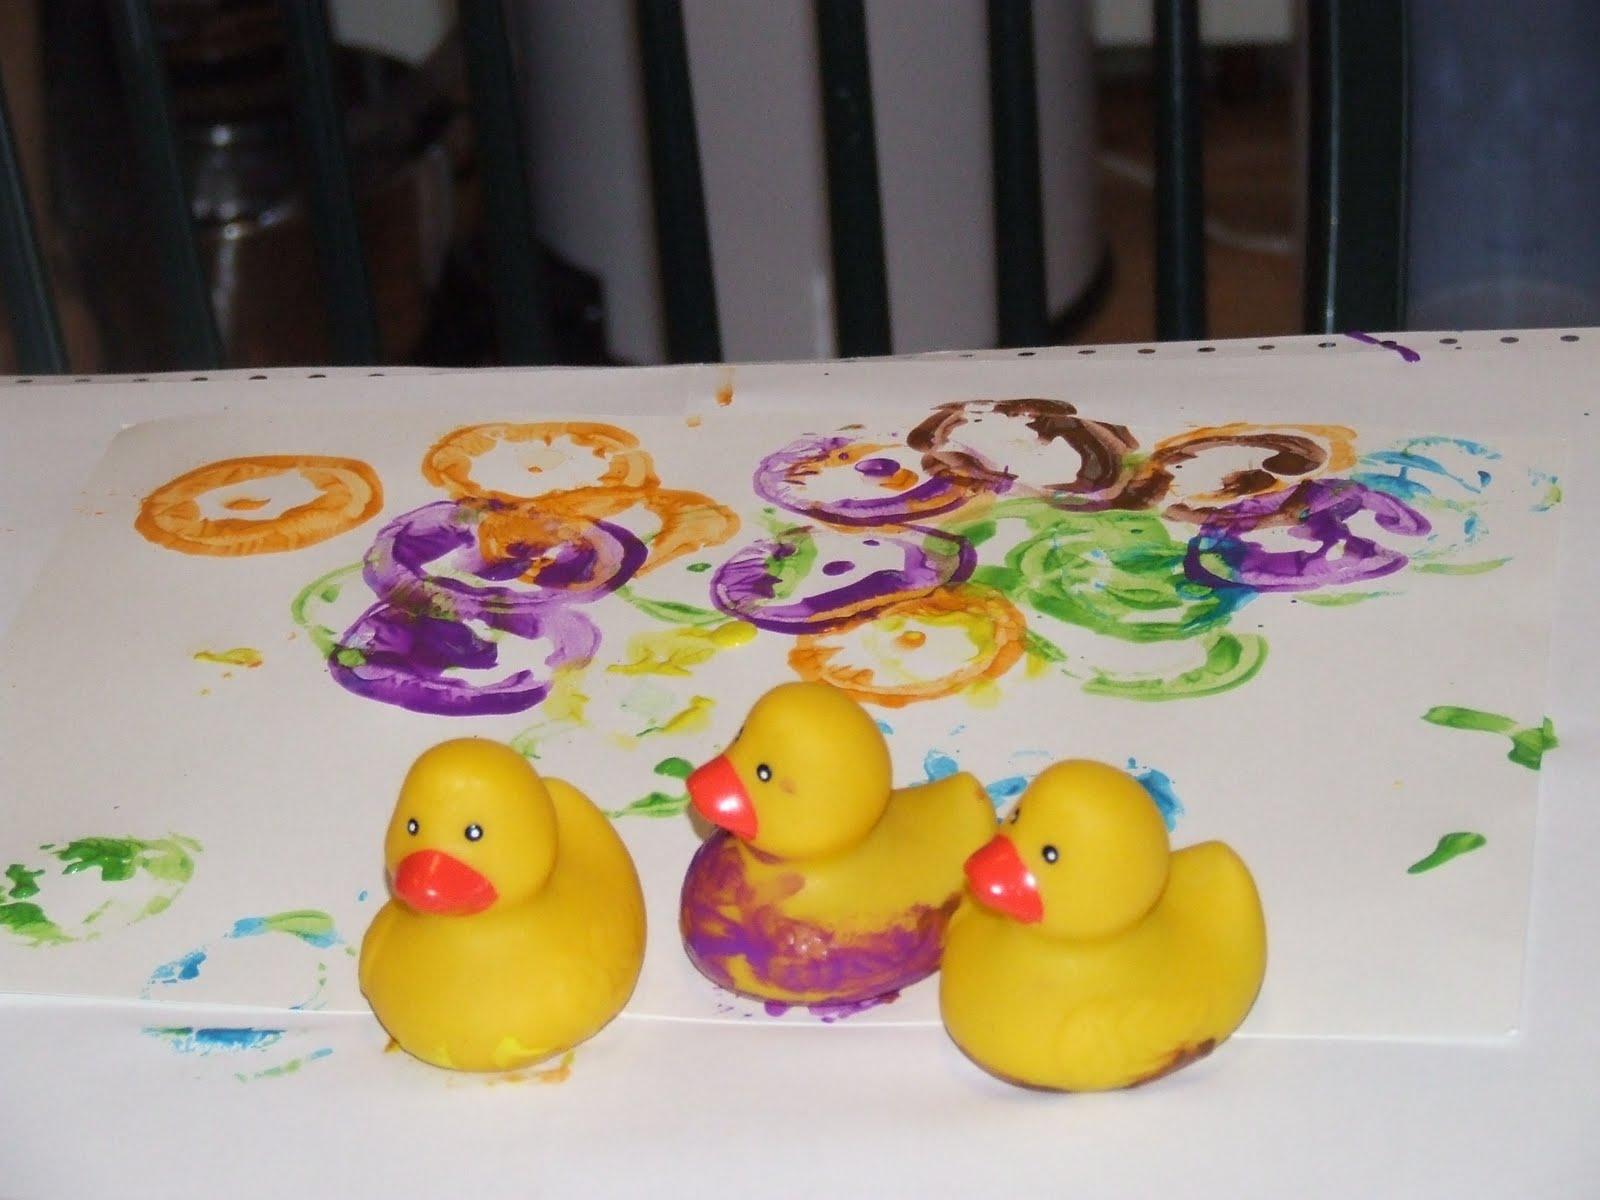 10 little rubber ducks story pdf